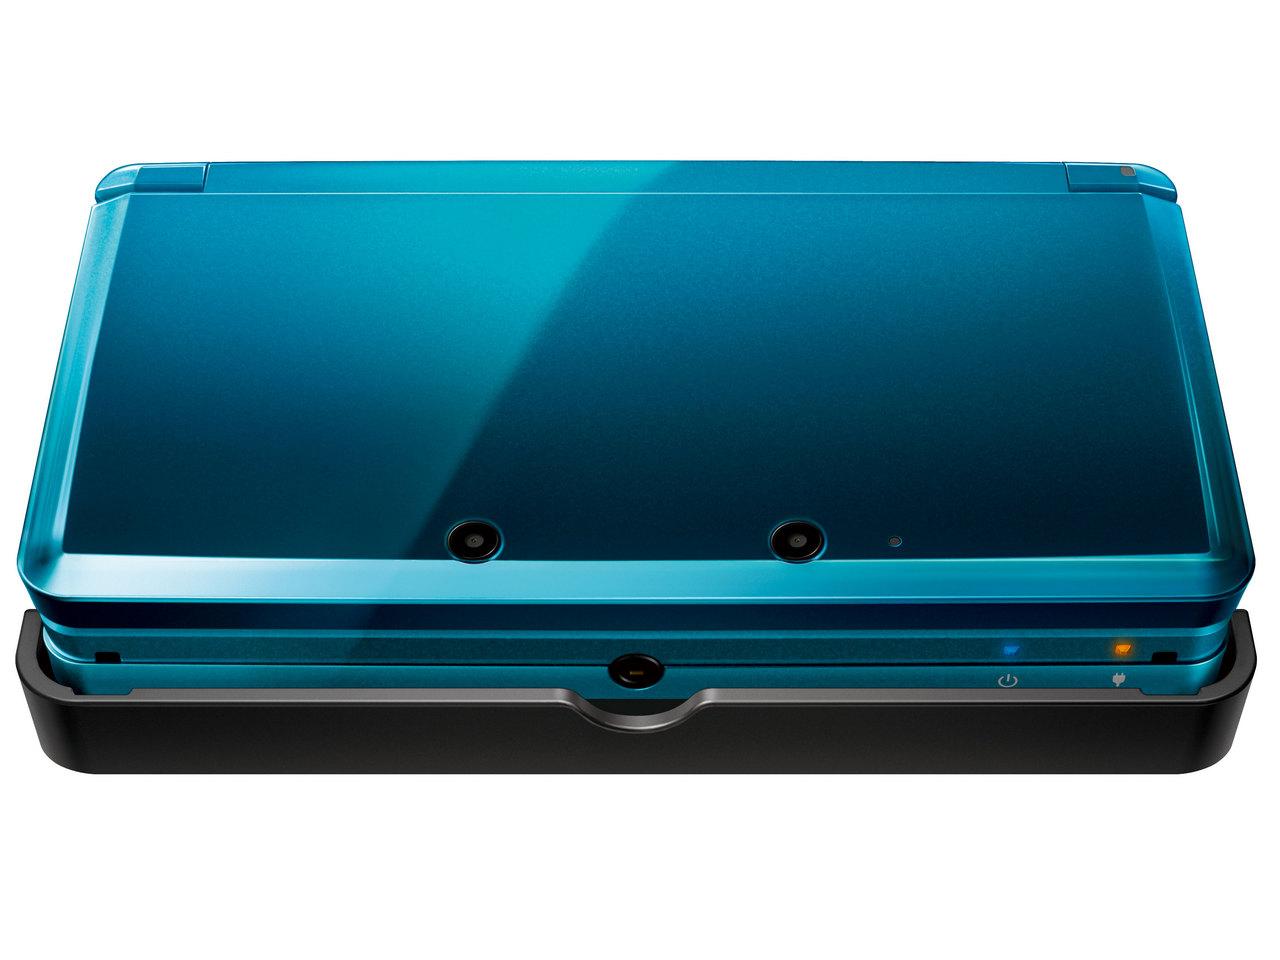 『本体 正面1』 ニンテンドー3DS アクアブルー の製品画像